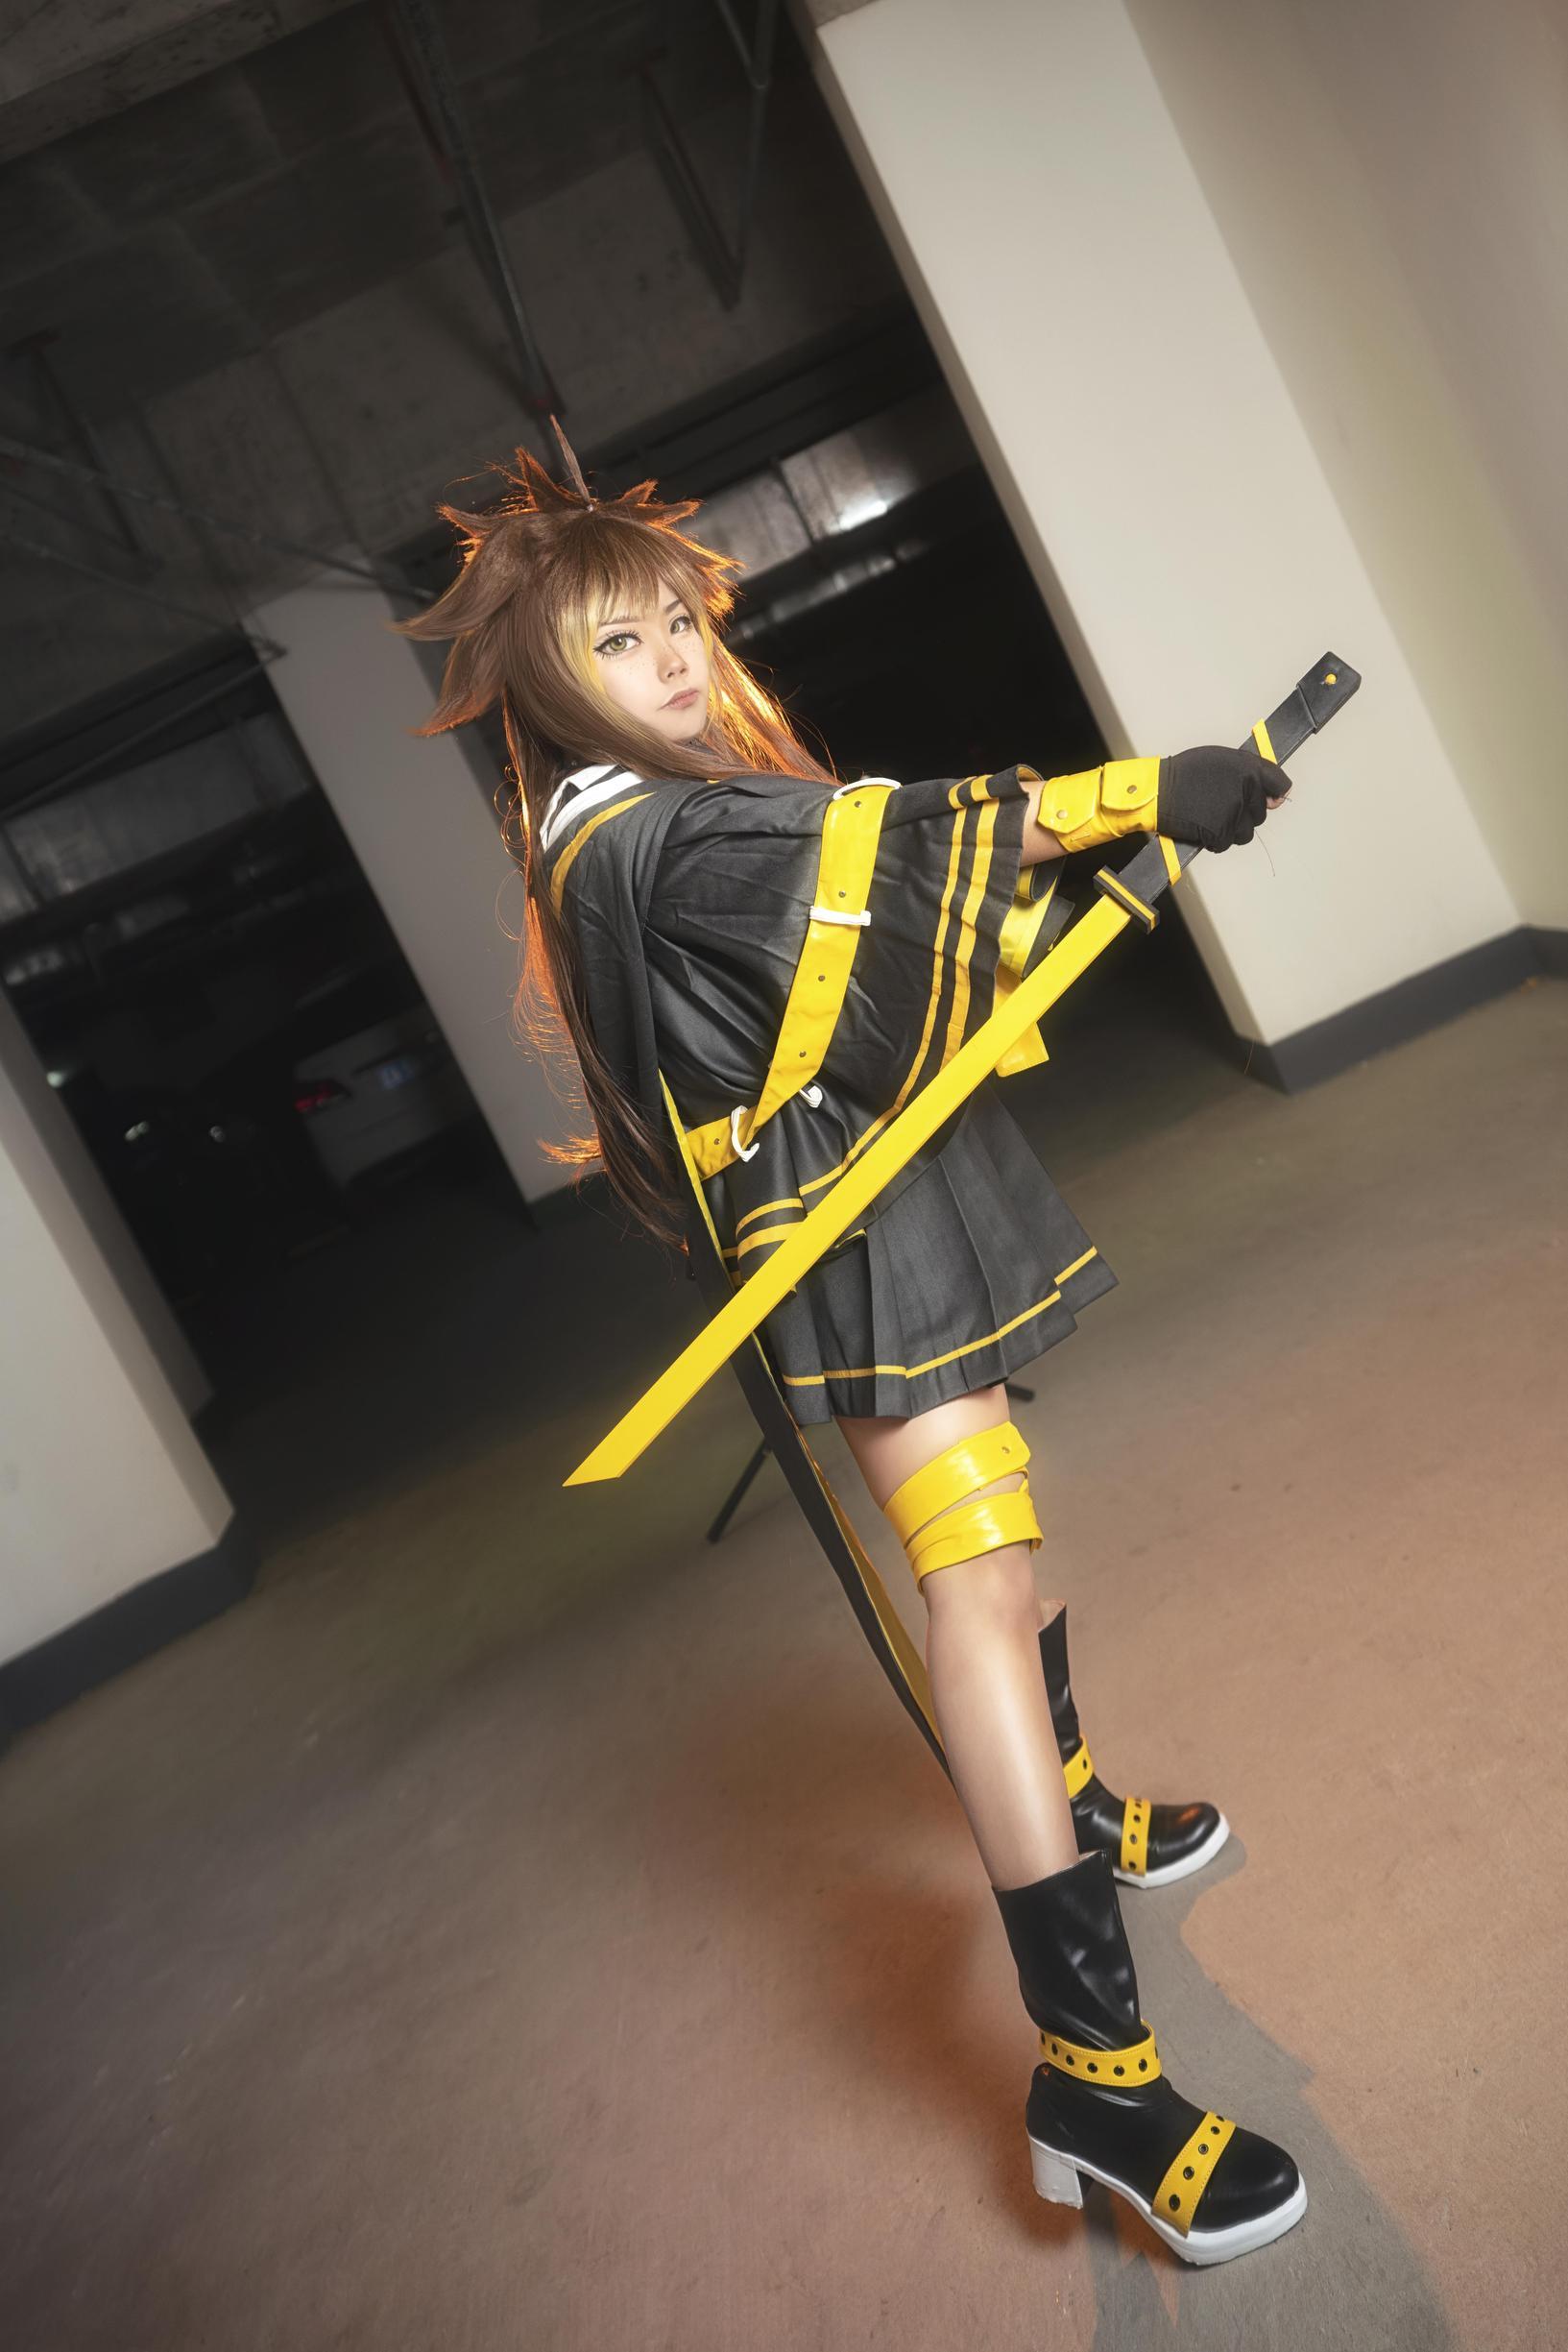 《凹凸世界》凝晶cosplay【CN:分裂双星k耀可】 -cosplay武器剑图片下载插图